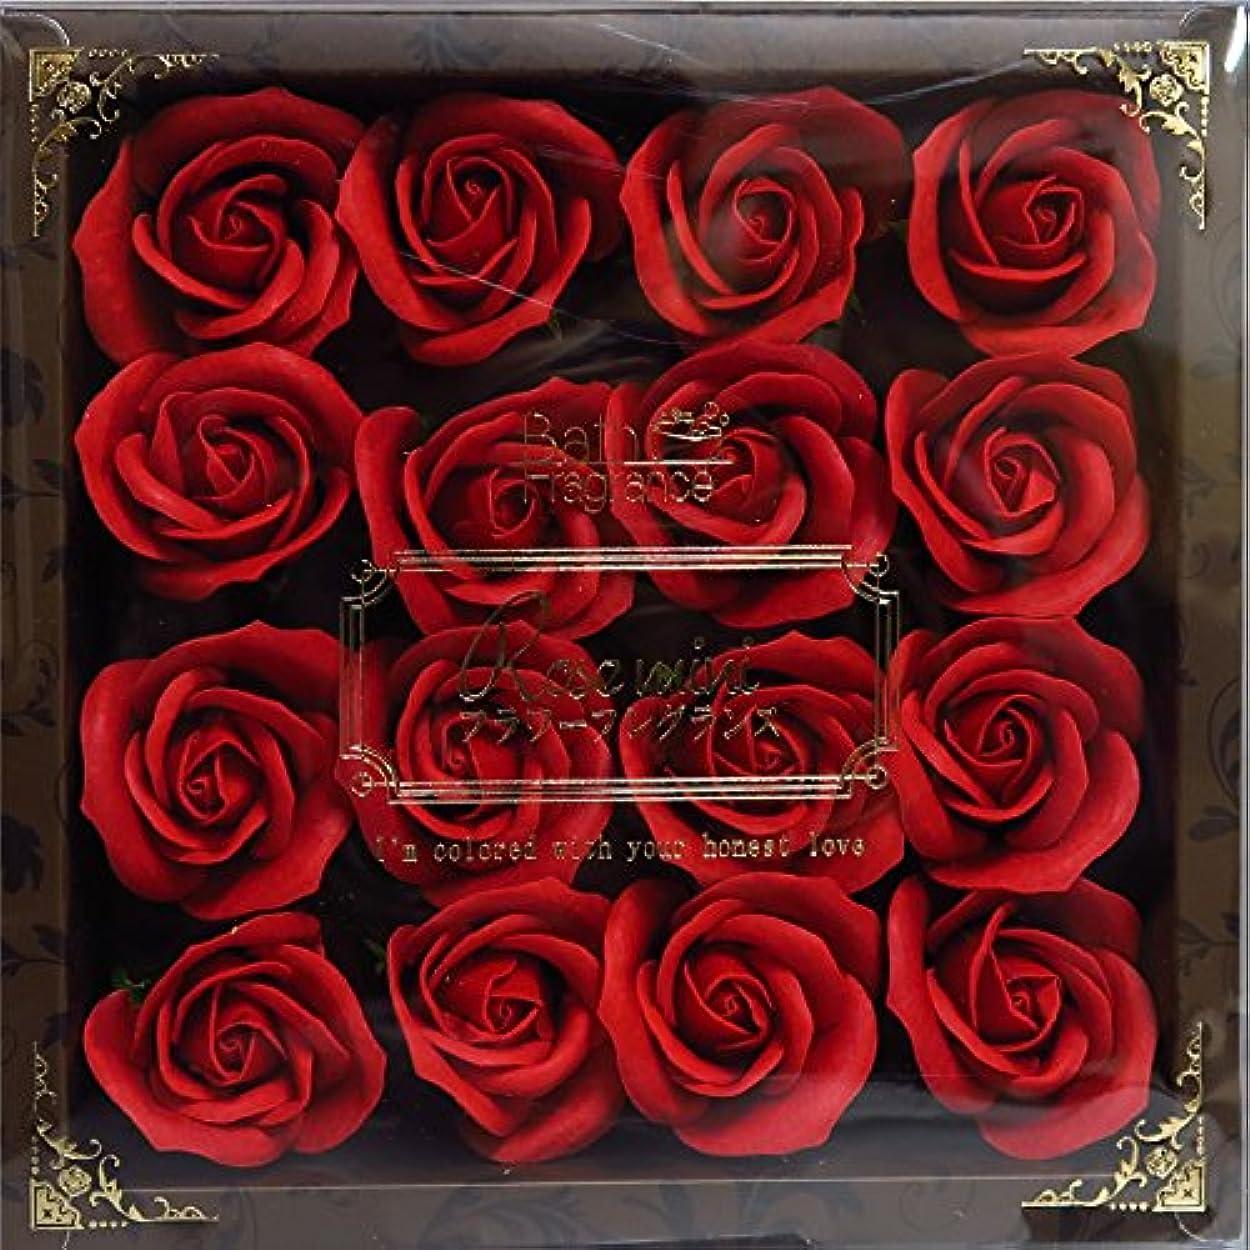 むしろ掘る読みやすいバスフレグランス バスフラワー ミニローズフレグランス(M)レッド ギフト お花の形の入浴剤 プレゼント ばら